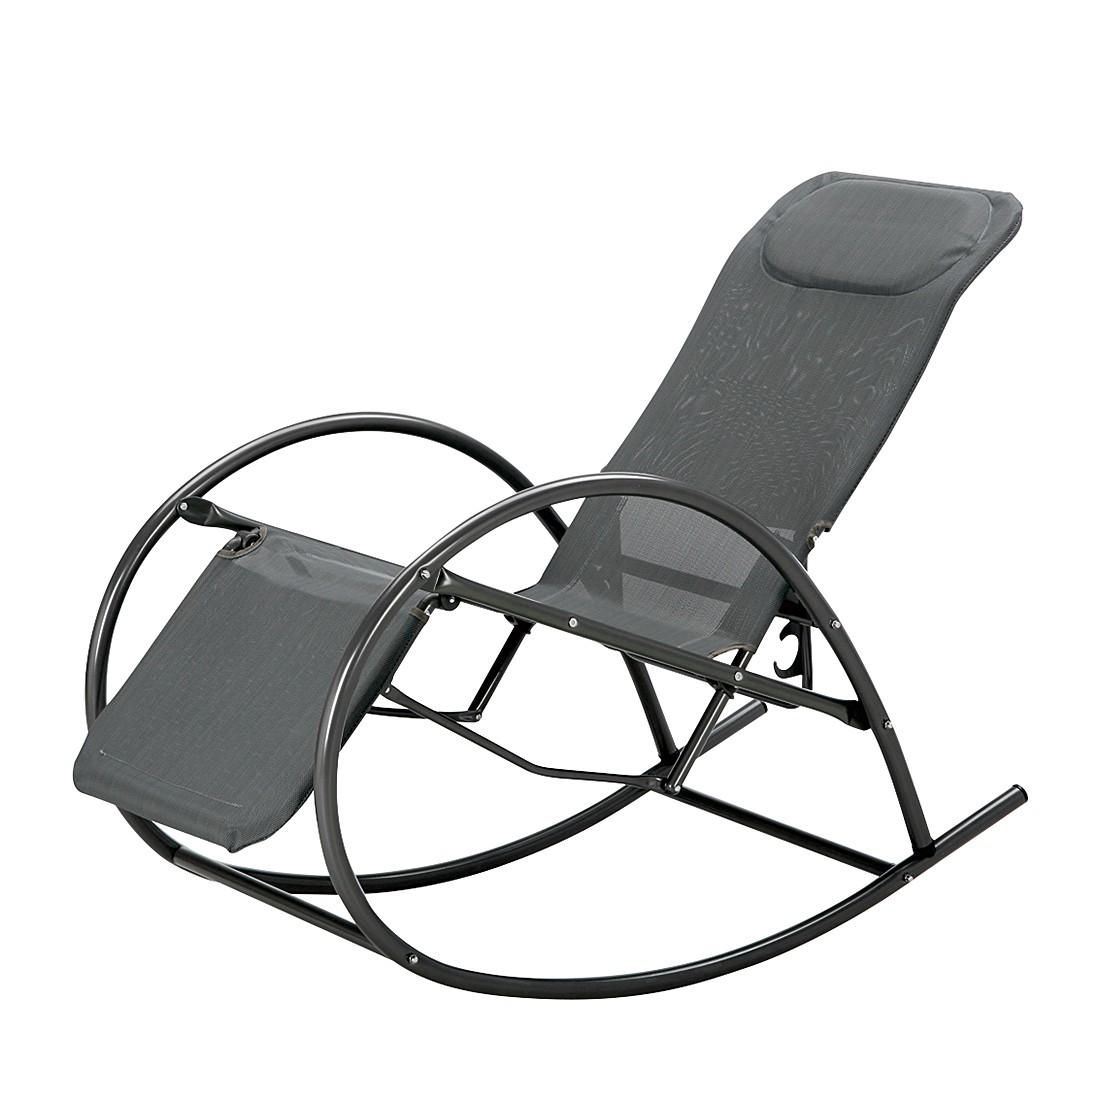 Schaukelstuhl Ancona - Stahlrohr/Ergotex Anthrazit, Best Freizeitmöbel